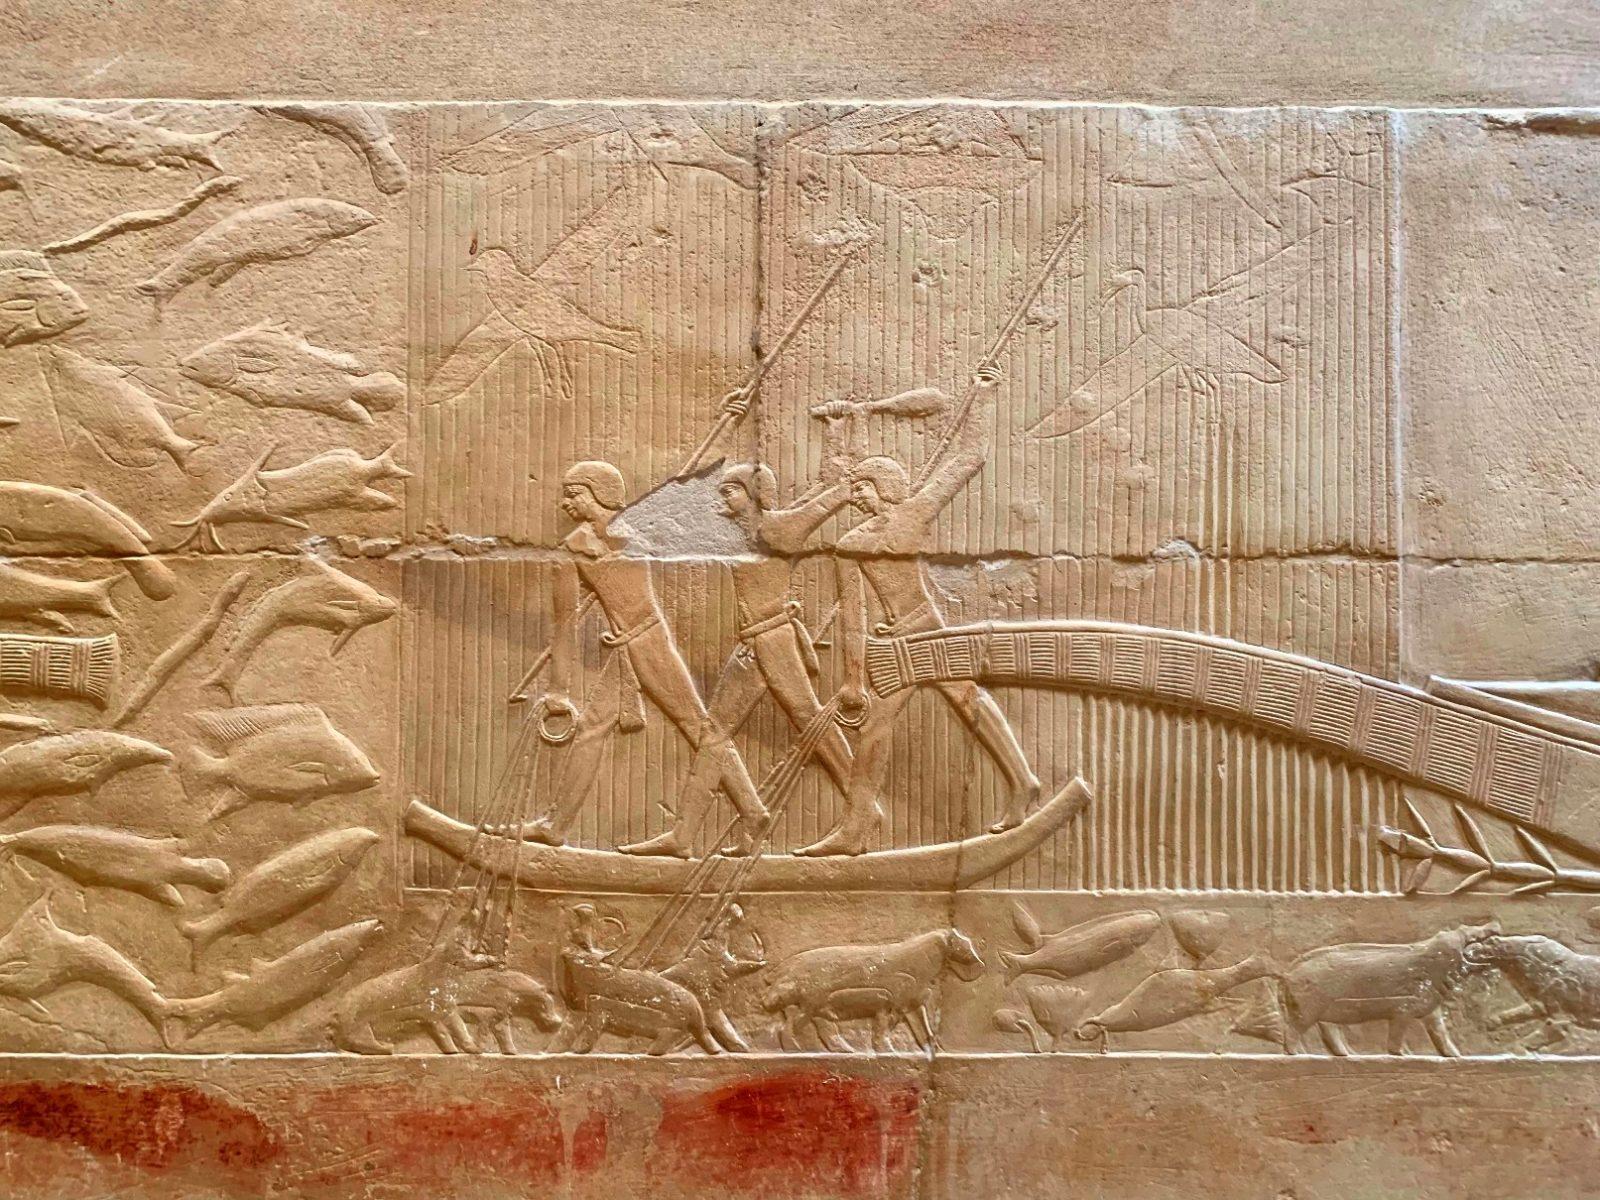 настенные рисунки, Саккара, Египет